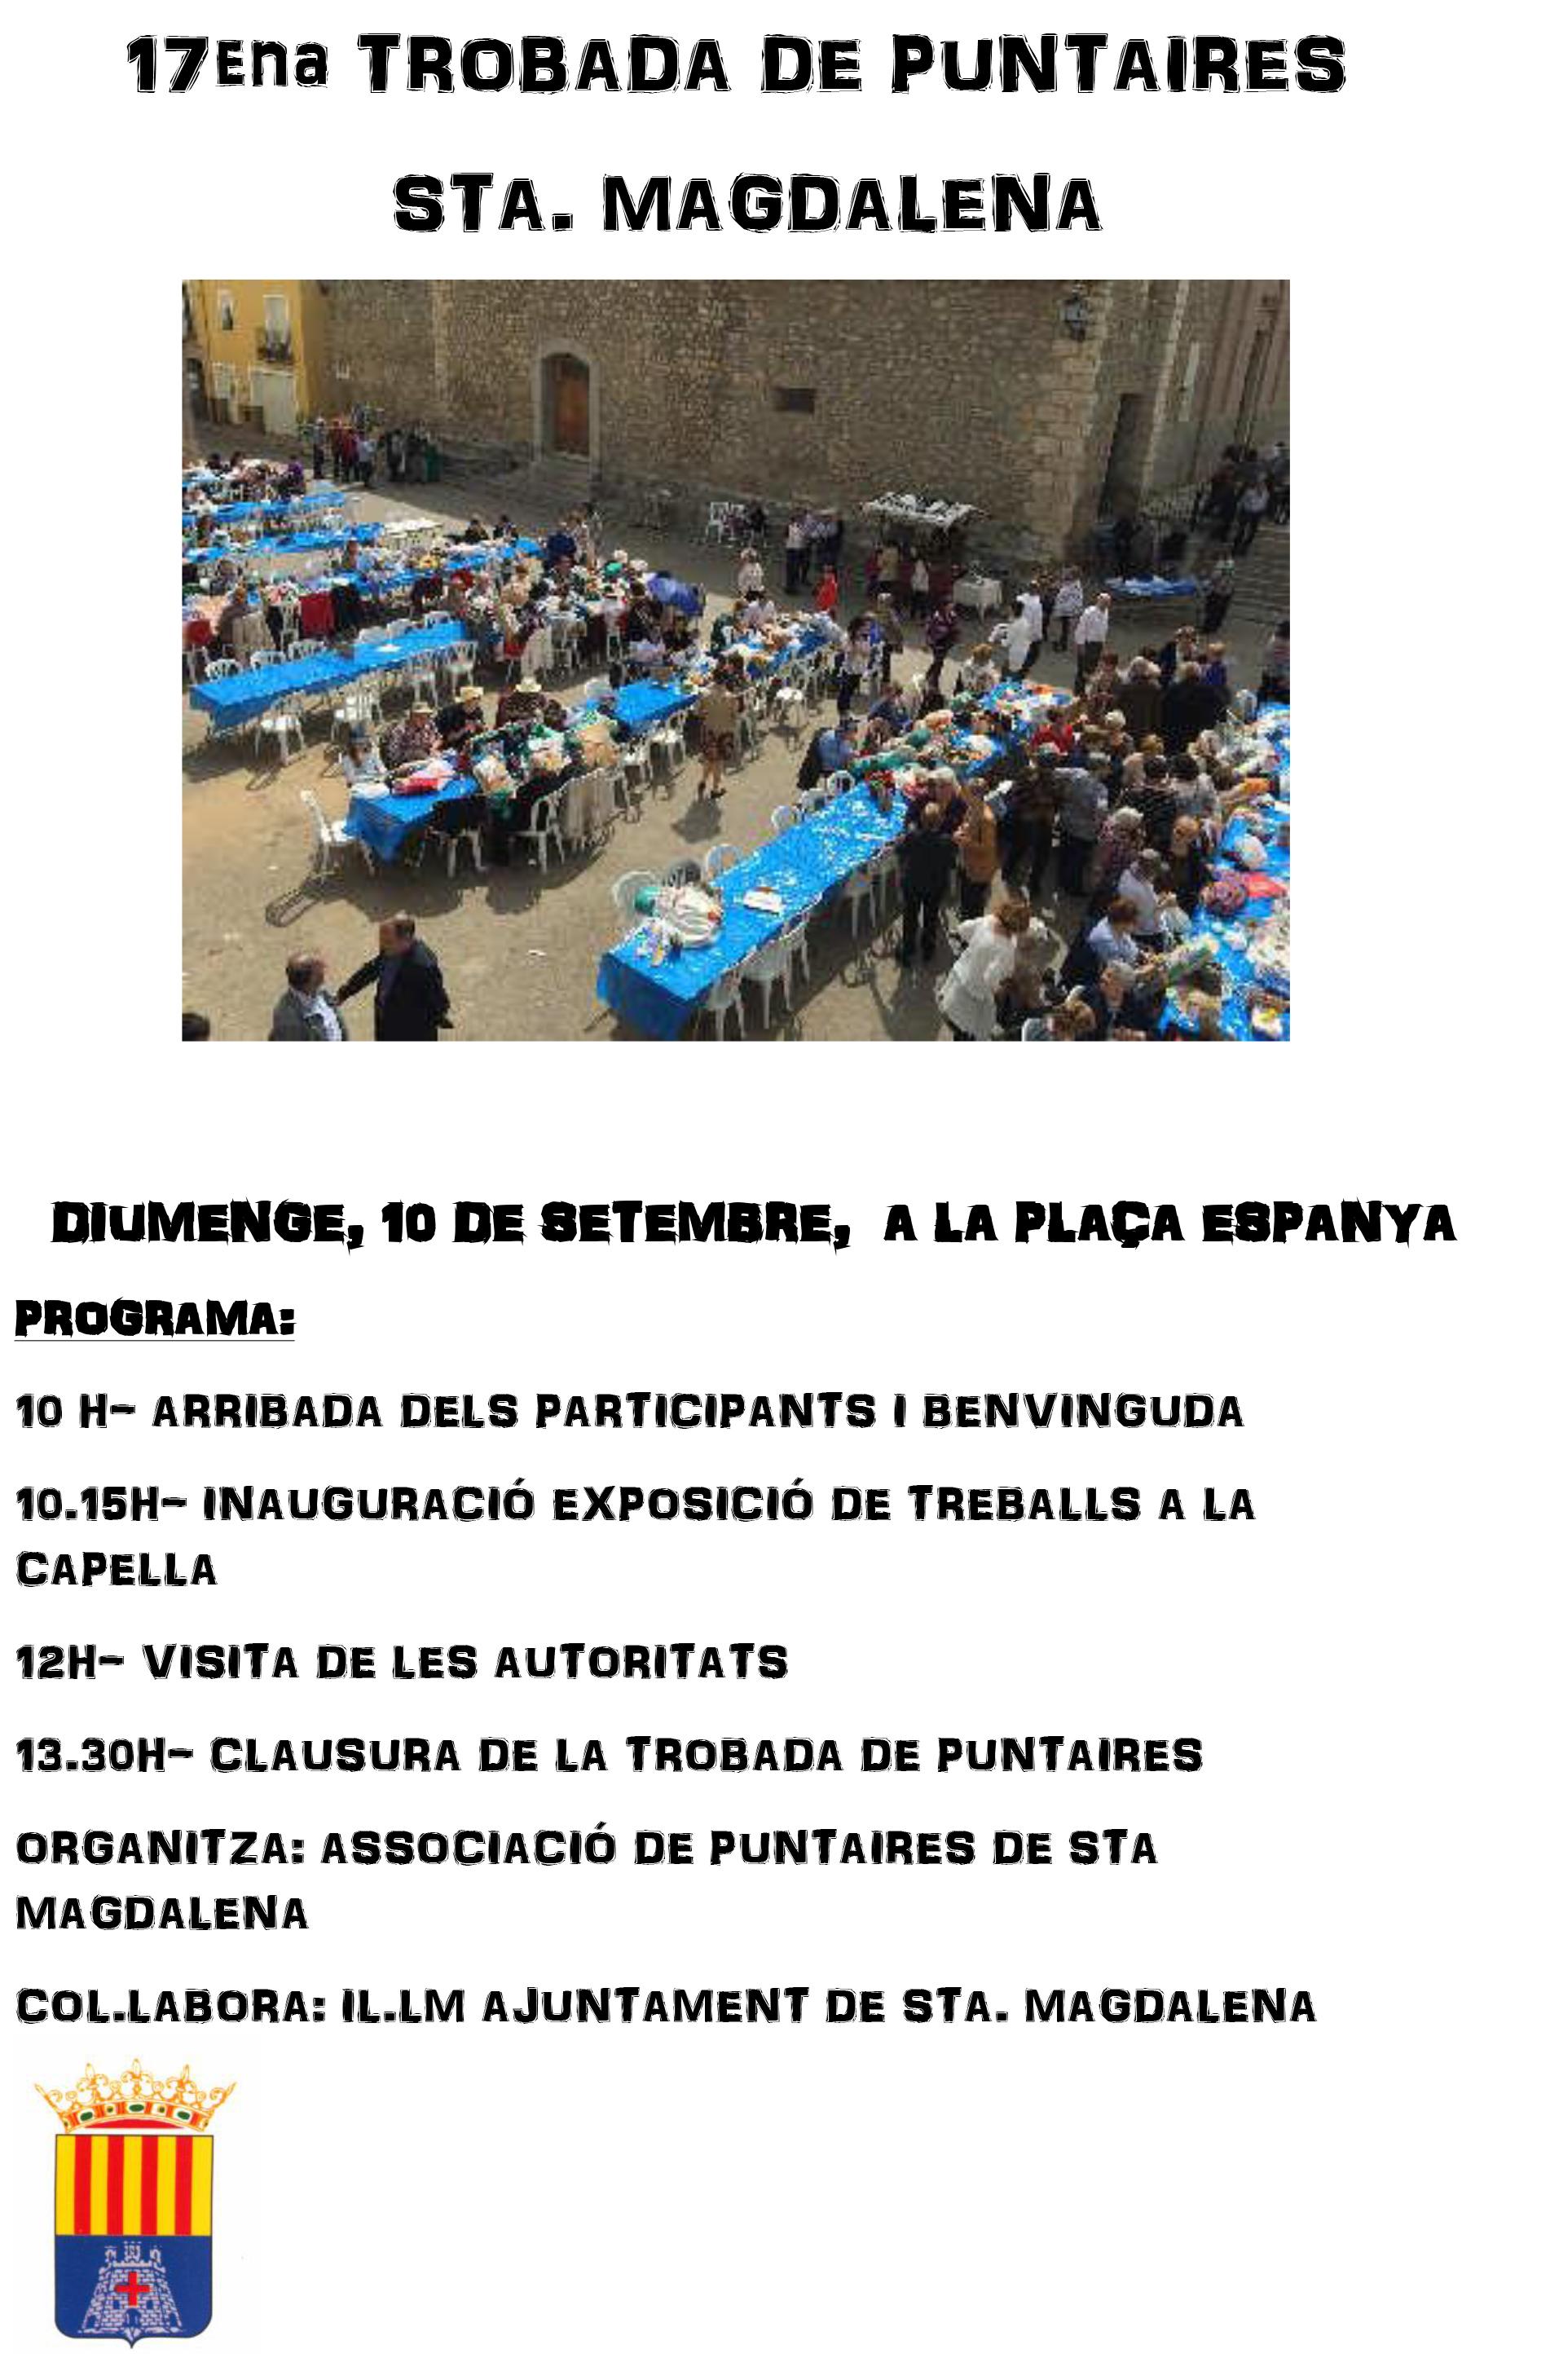 Santa Magdalena acollirà dissabte la 17a Trobada de Puntaires